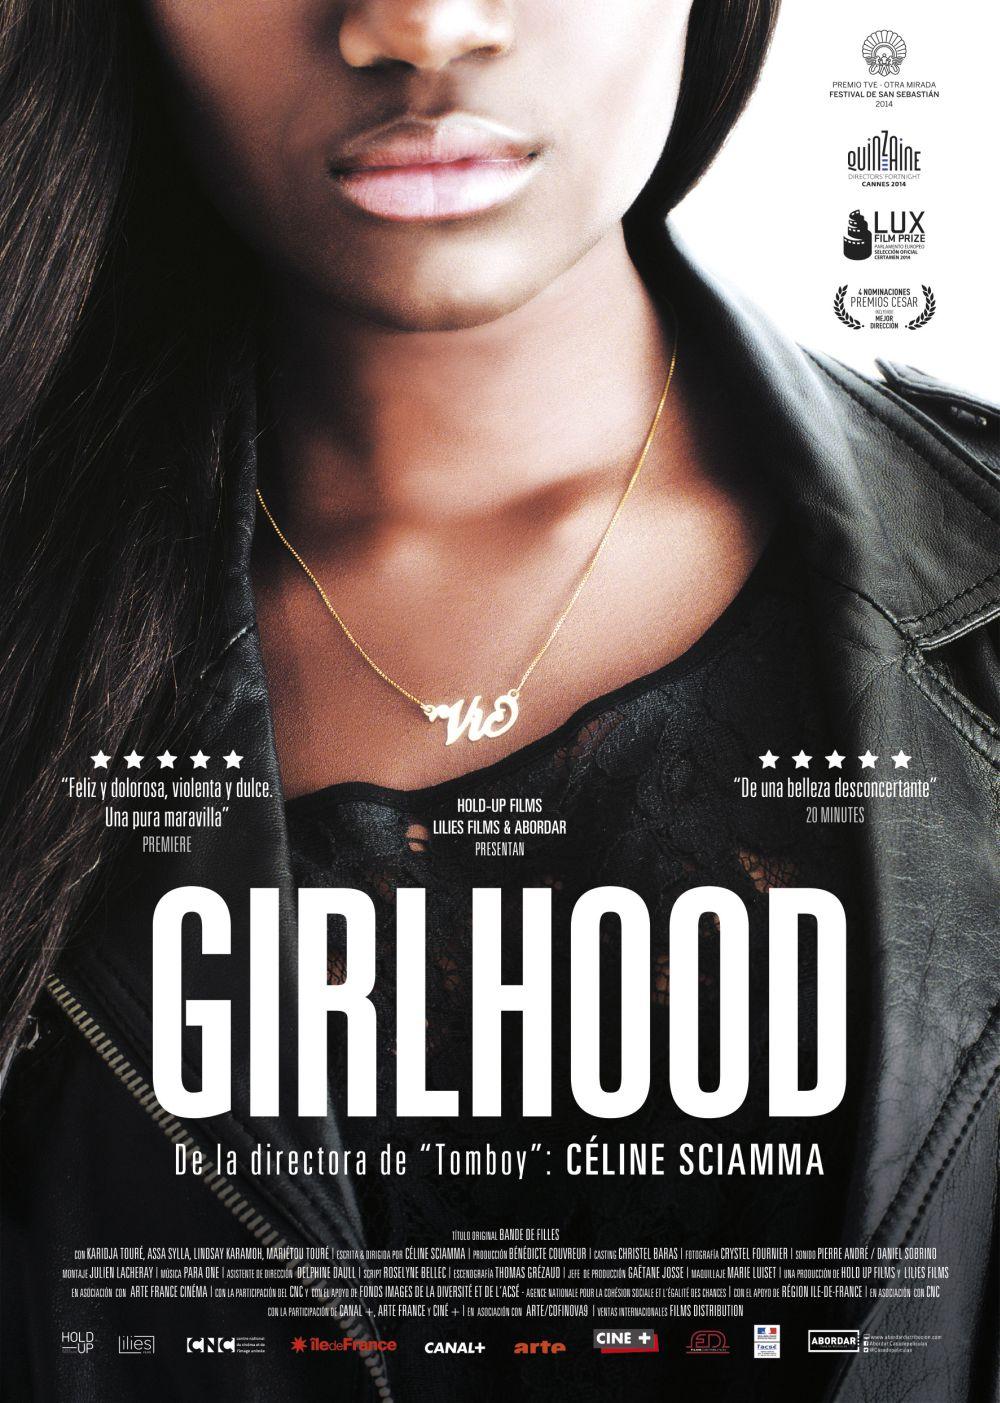 girlhood_97215